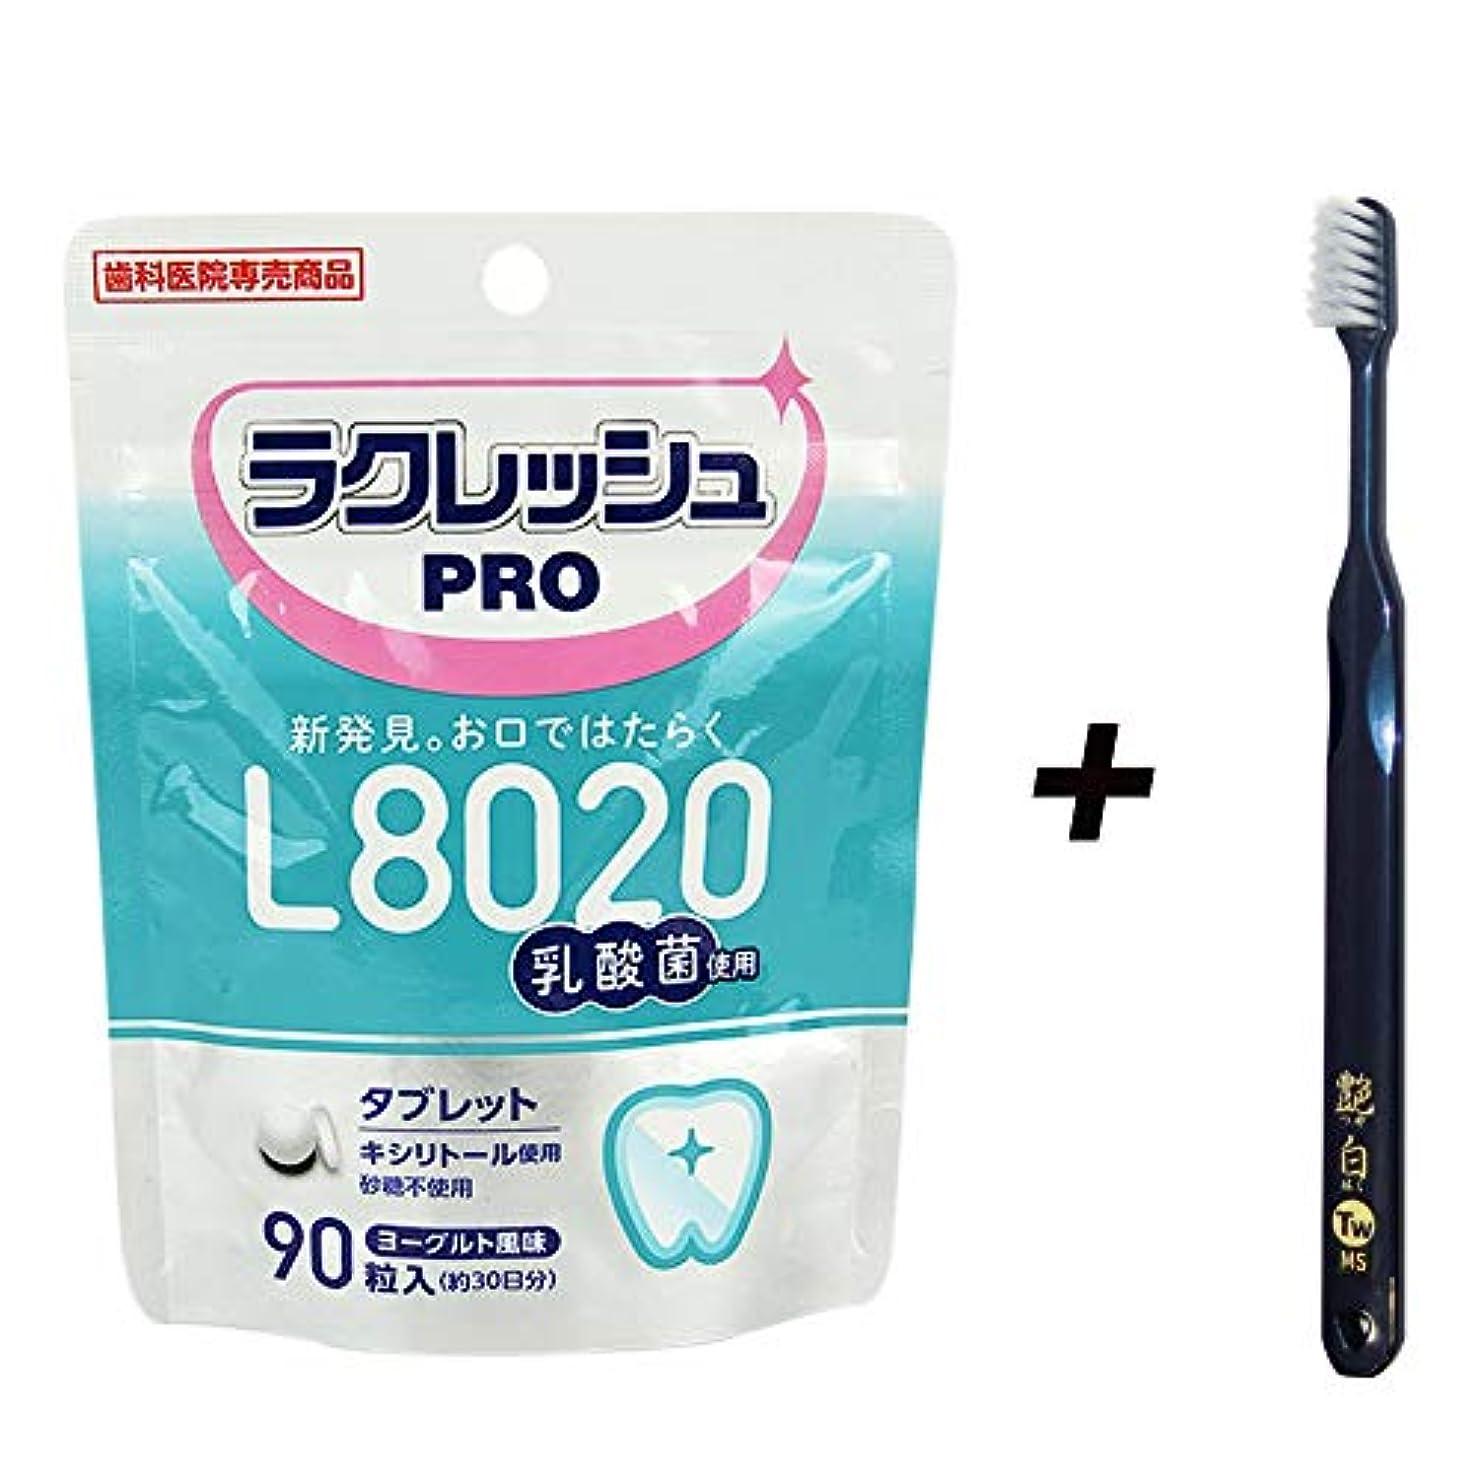 側面争い見るL8020 乳酸菌 ラクレッシュ PRO タブレット 90粒×1袋 + 日本製歯ブラシ 艶白(つやはく)ツイン ハブラシ 1本 MS(やややわらかめ) 歯科医院取扱品